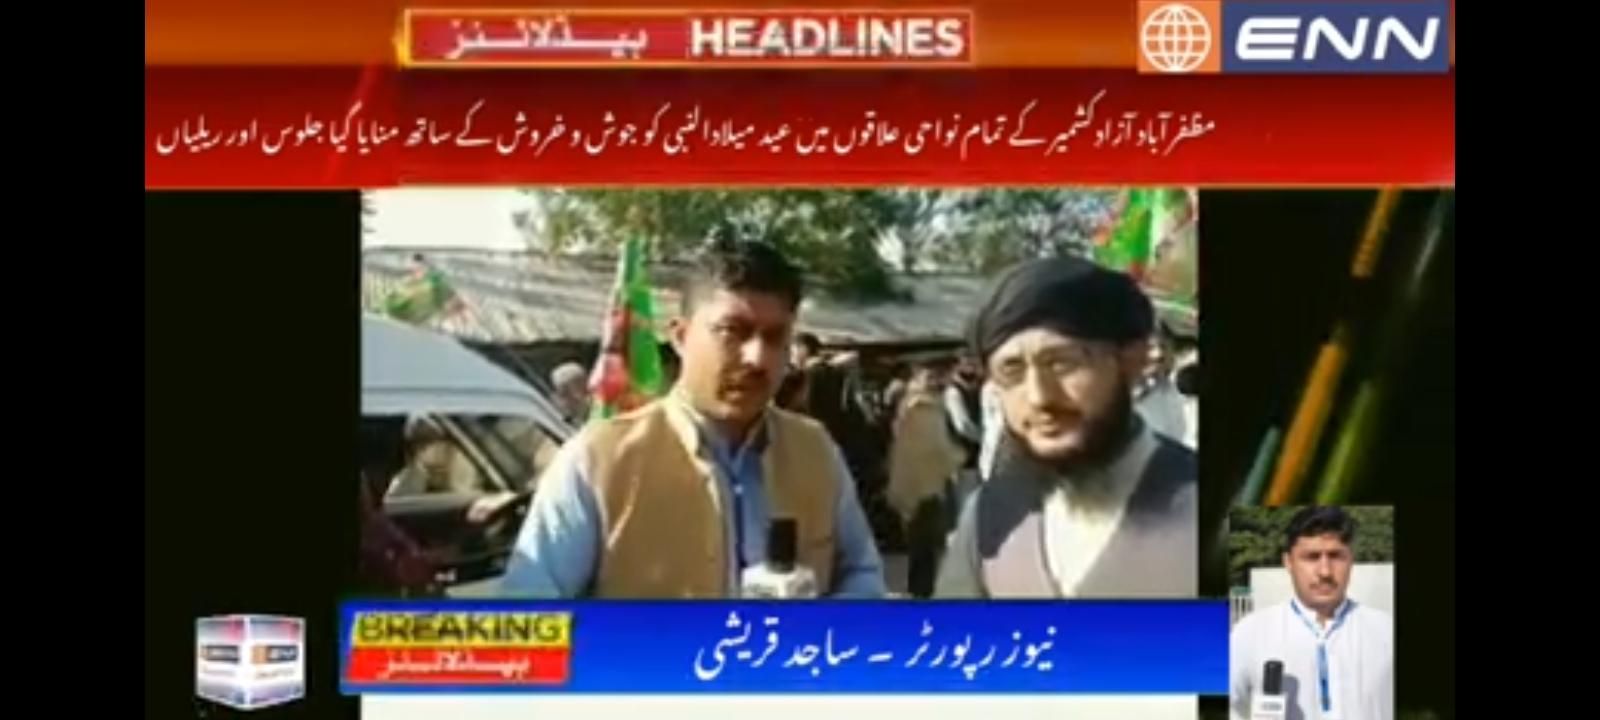 مظفرآباد آزادکشمیر کے تمام نواحی علاقوں میں عید میلادالنبی کو جوش و خروش کے ساتھ منایا گیا